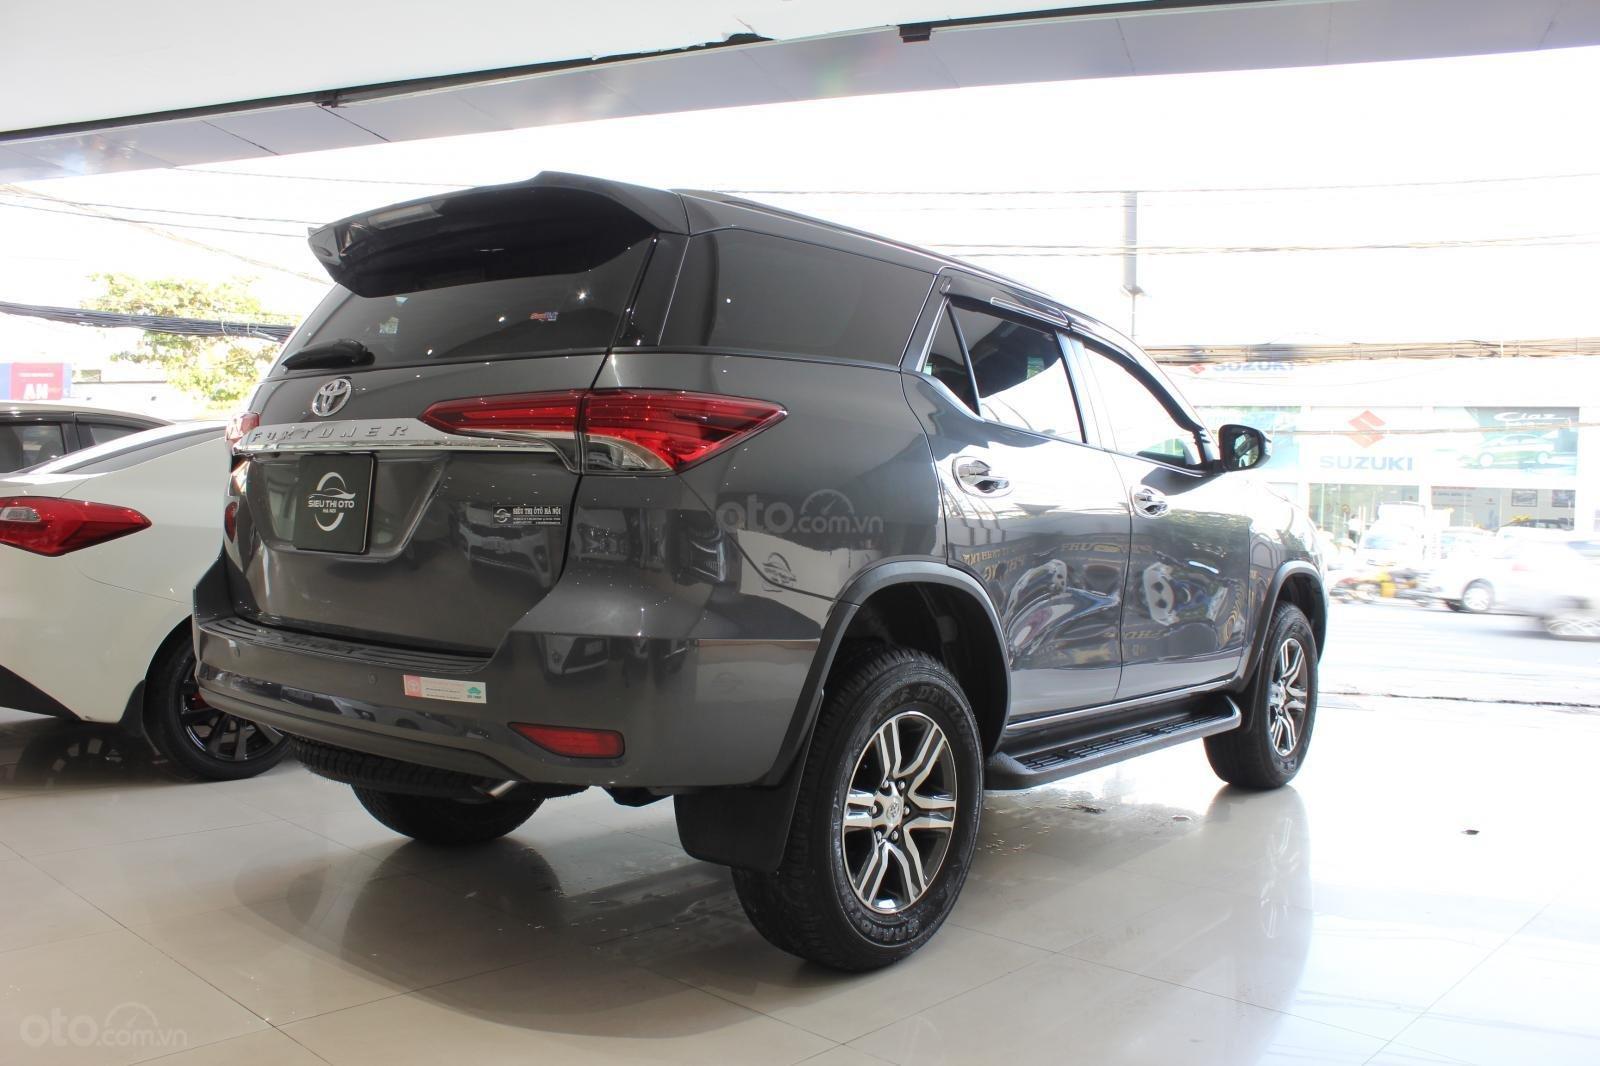 Cần bán Toyota Fortuner 2.7 AT đời 2018, màu xám (ghi), nhập khẩu nguyên chiếc (5)